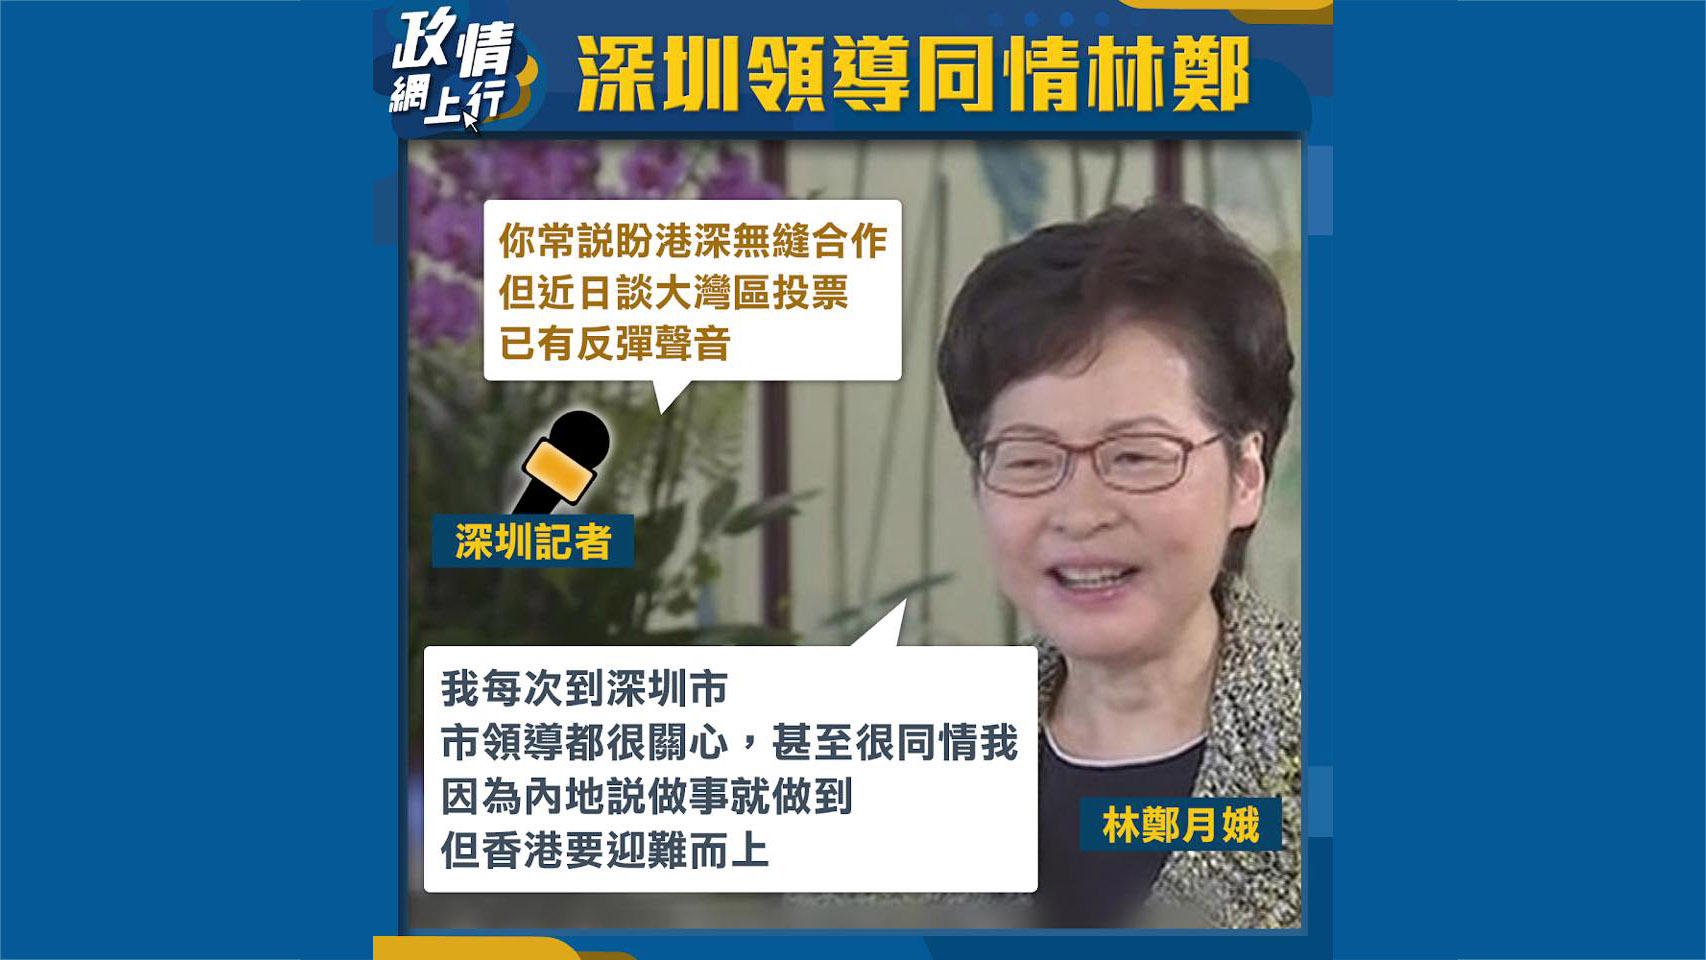 【政情網上行】深圳領導同情林鄭